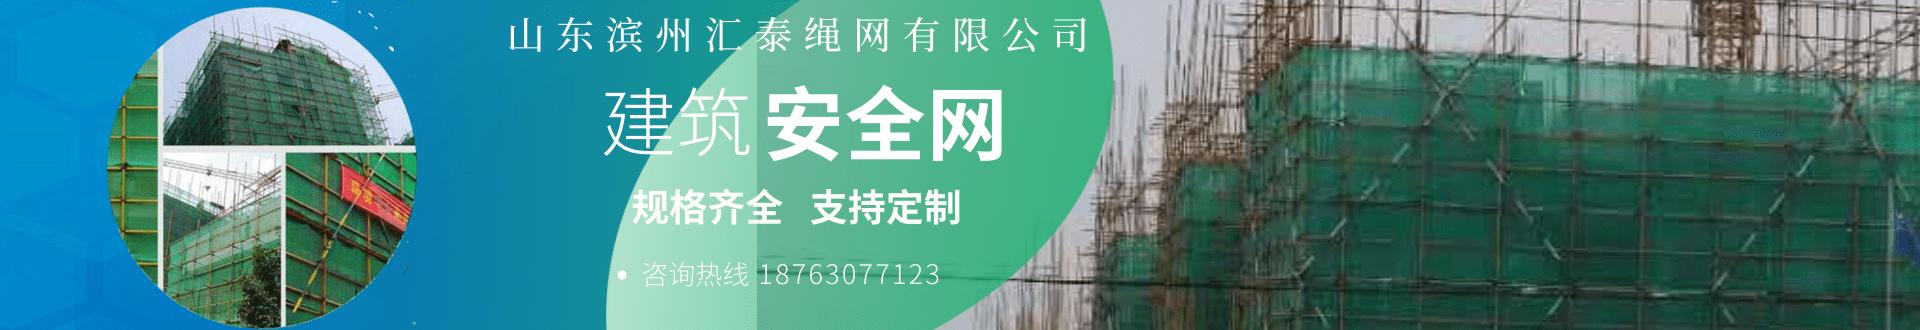 山东滨州汇泰绳网有限公司